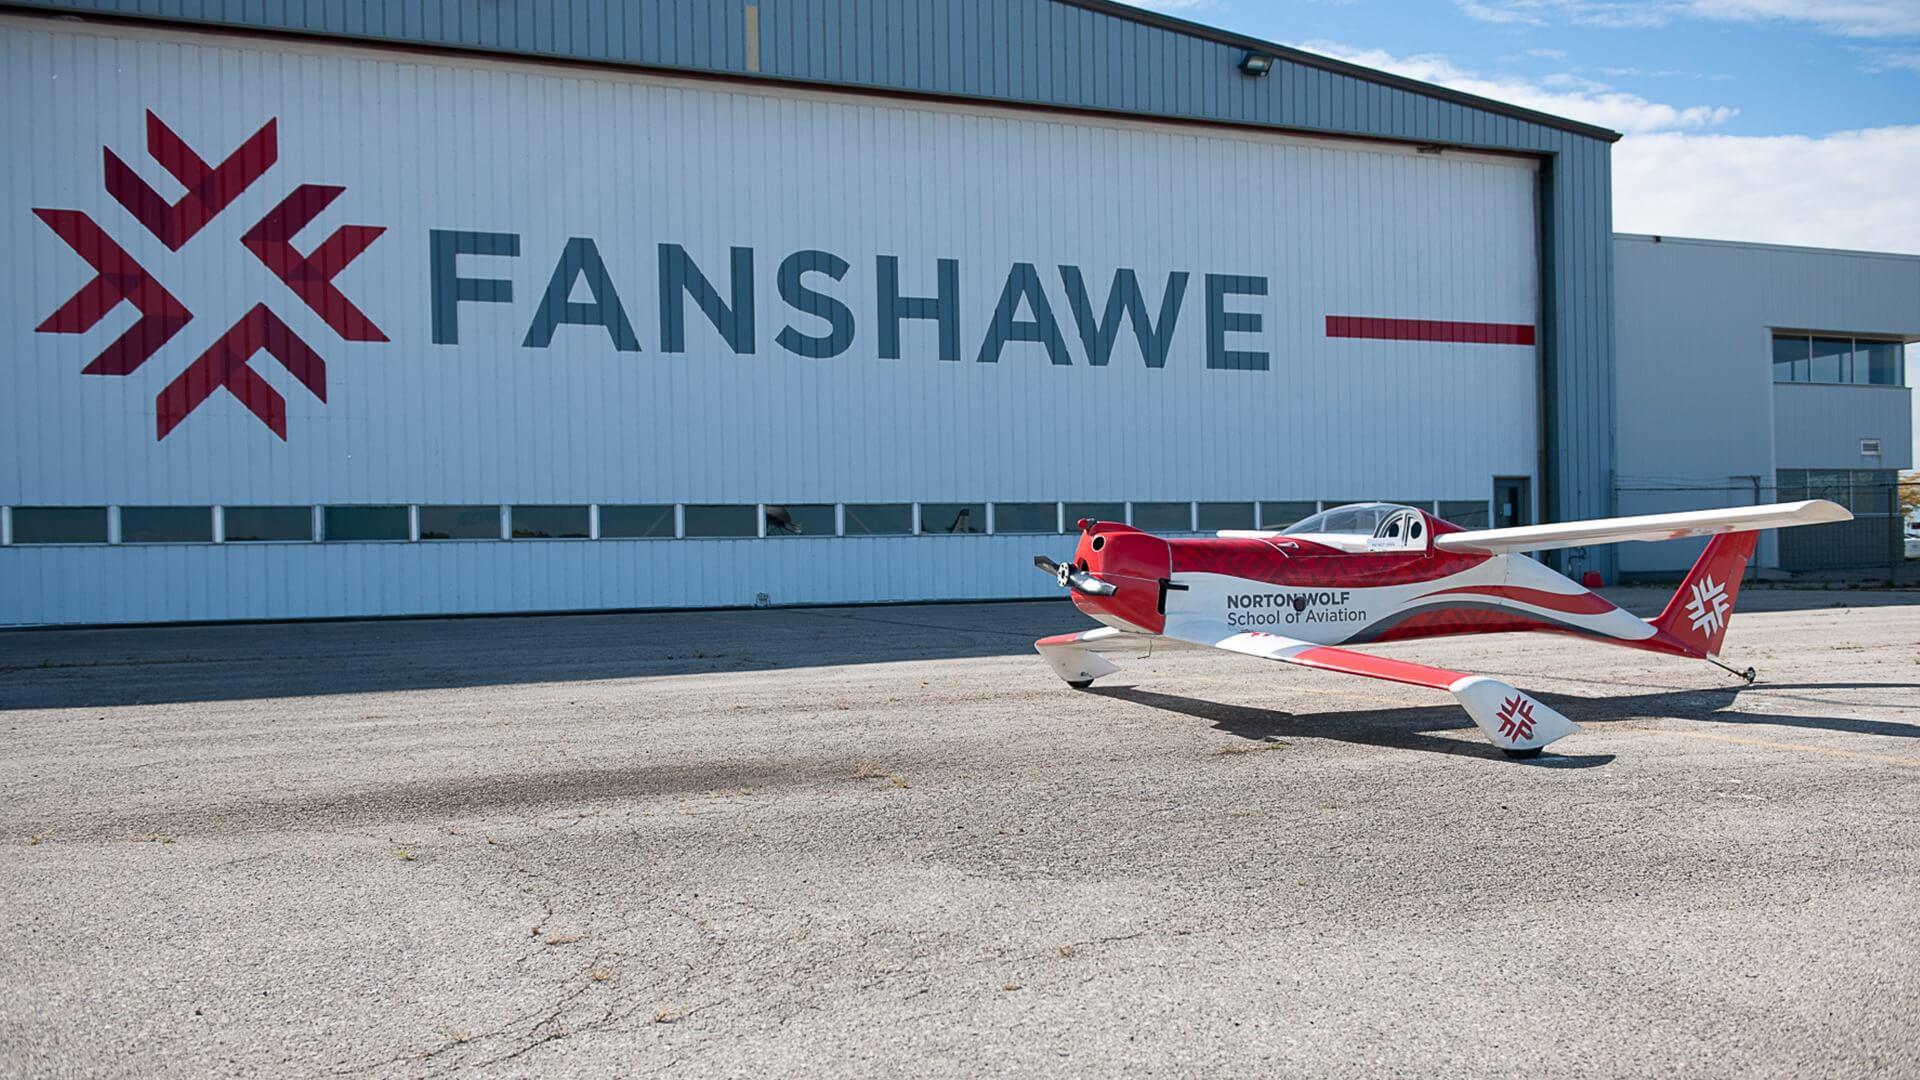 Fanshawe-6